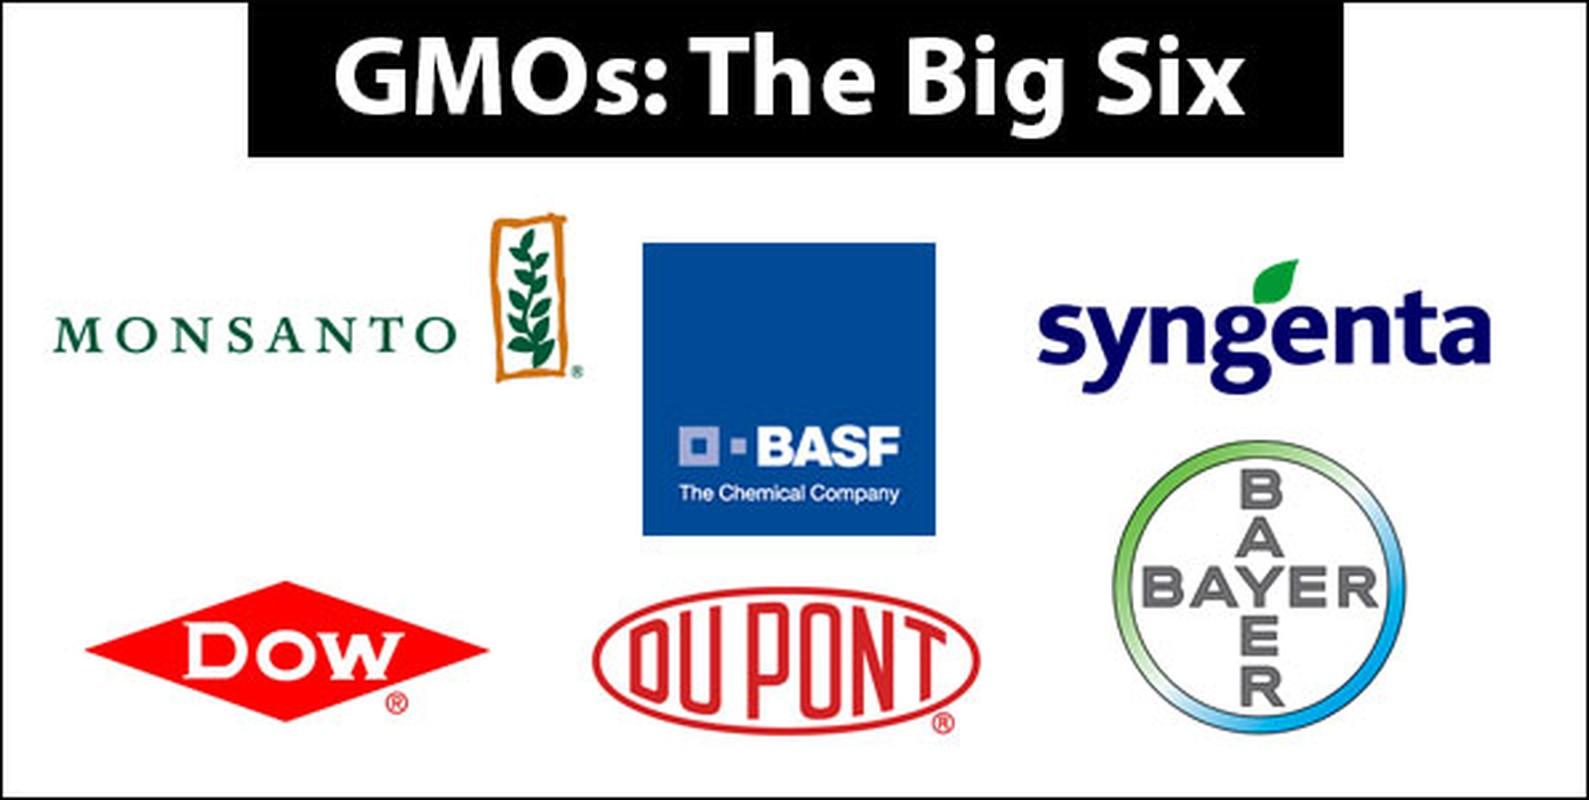 Phong trao phan doi thuc pham GMO co di nguoc lai khoa hoc?-Hinh-3